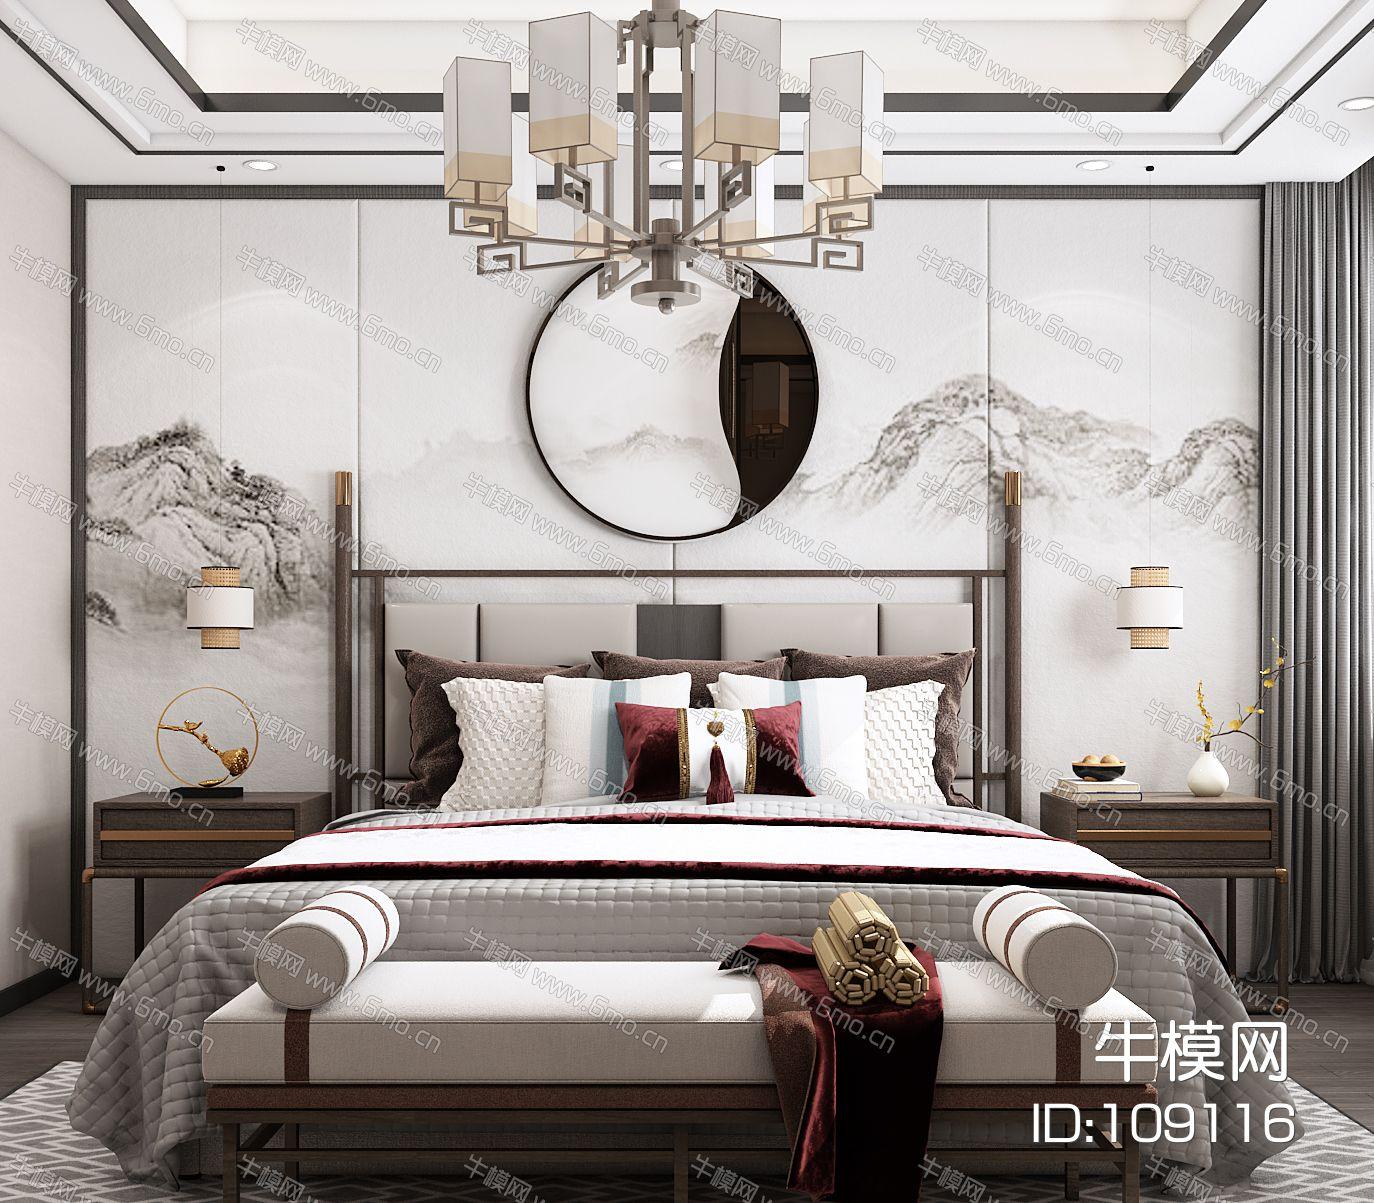 新中式卧室,卧室,主卧,